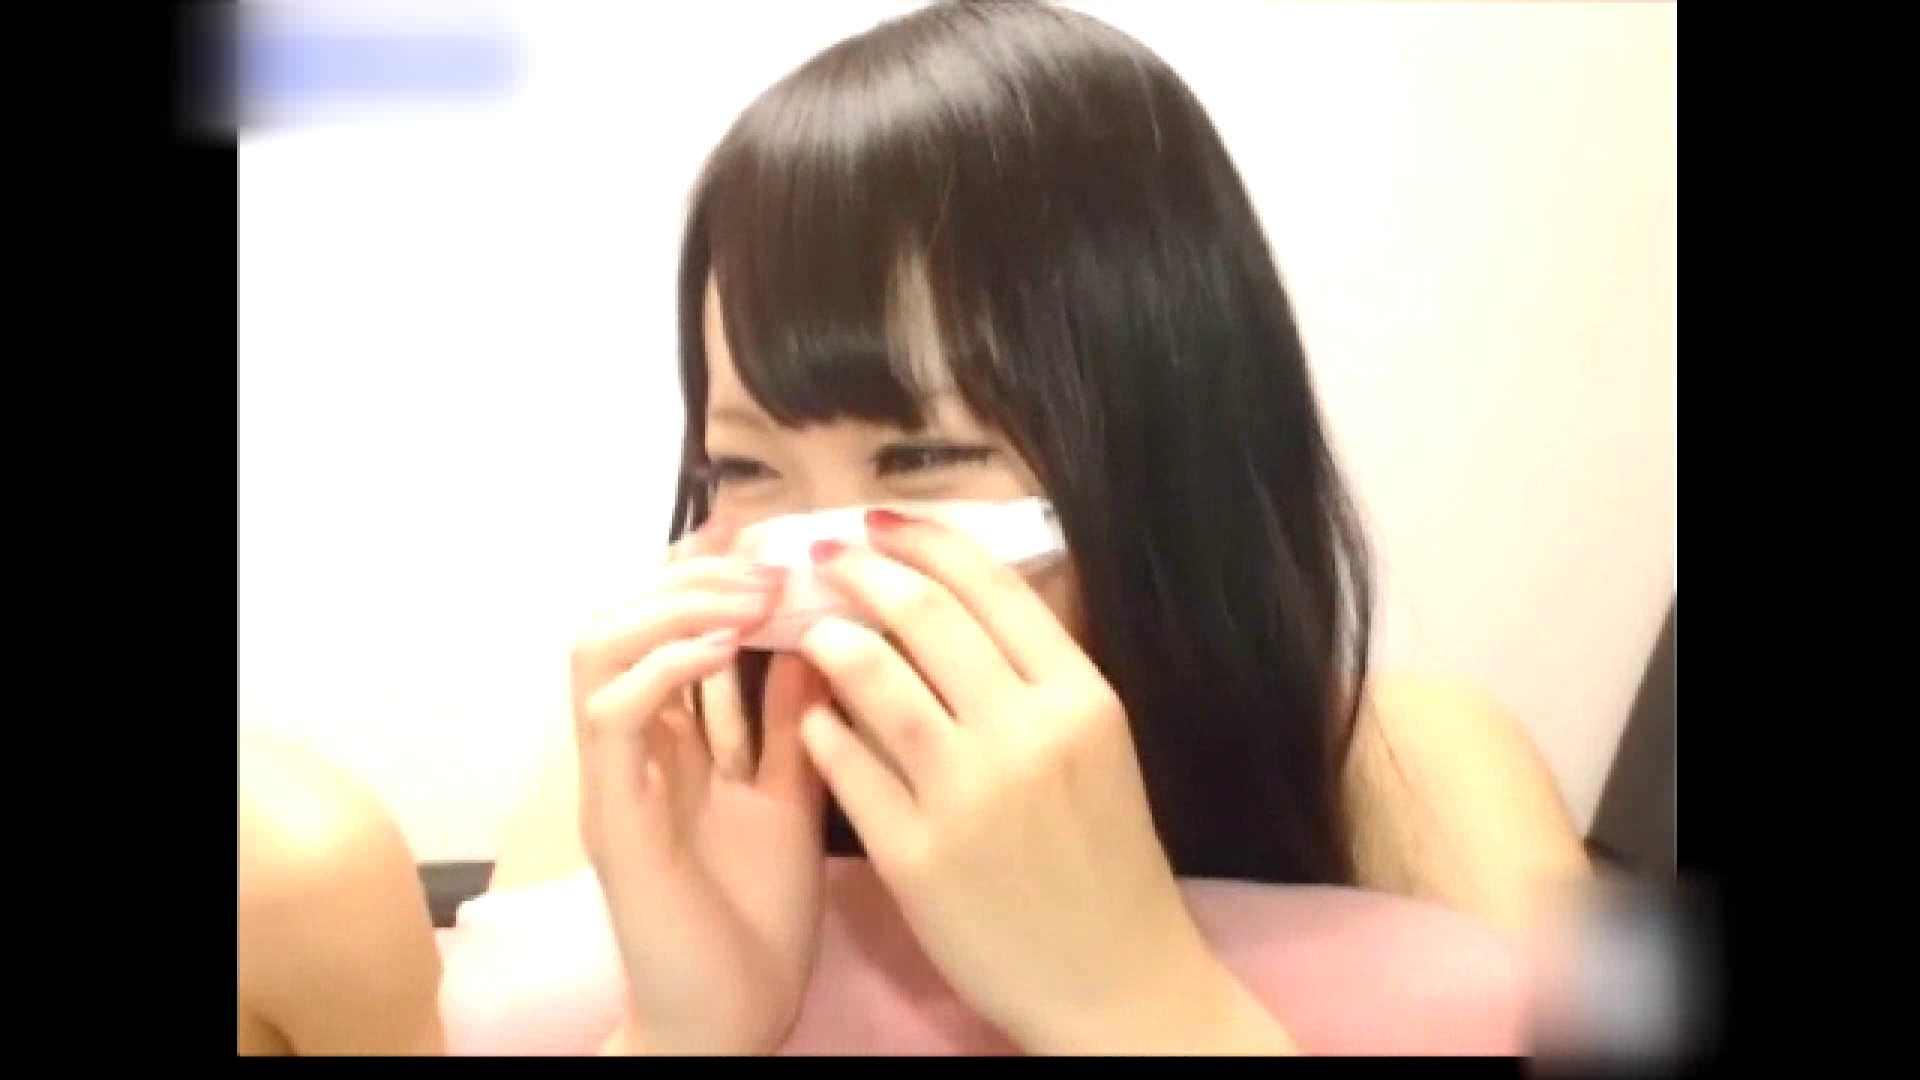 アッと驚くハメ五郎 Vol.08 OLのエロ生活  52連発 30